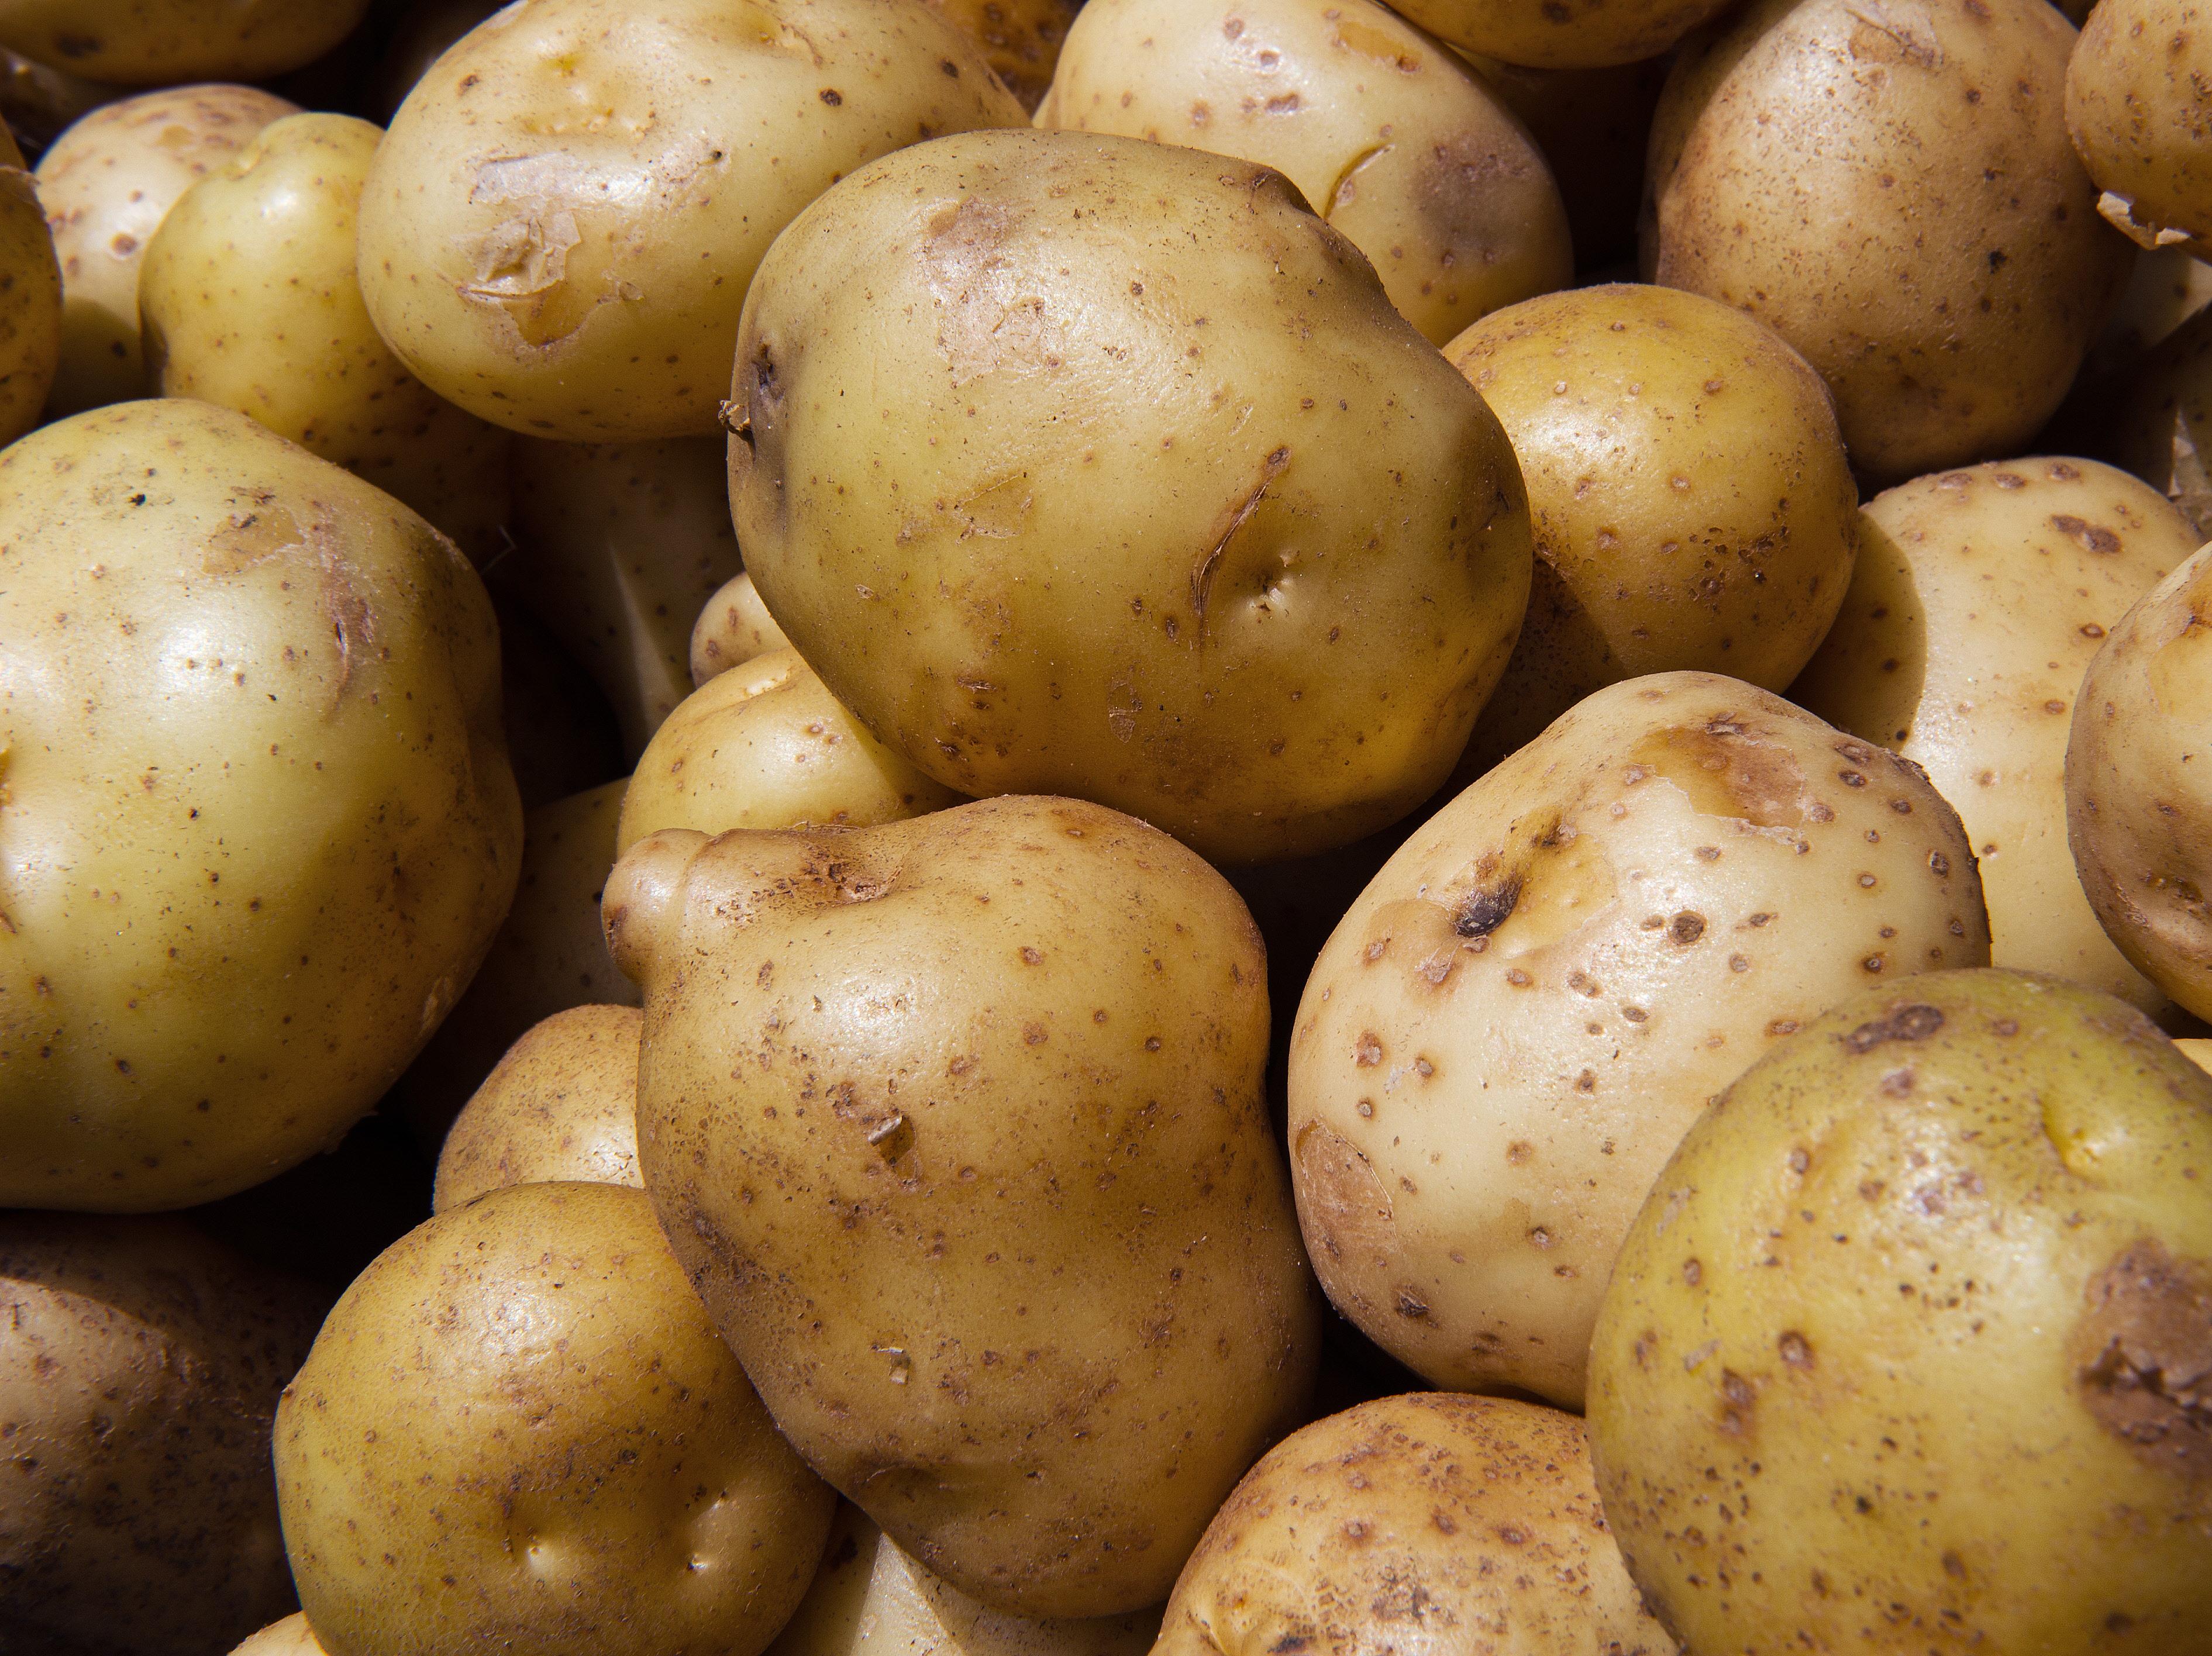 Что такое картошка (паслен клубненосный): к какому семейству относится, характеристика и систематическая группа, описание внешнего вида, определение